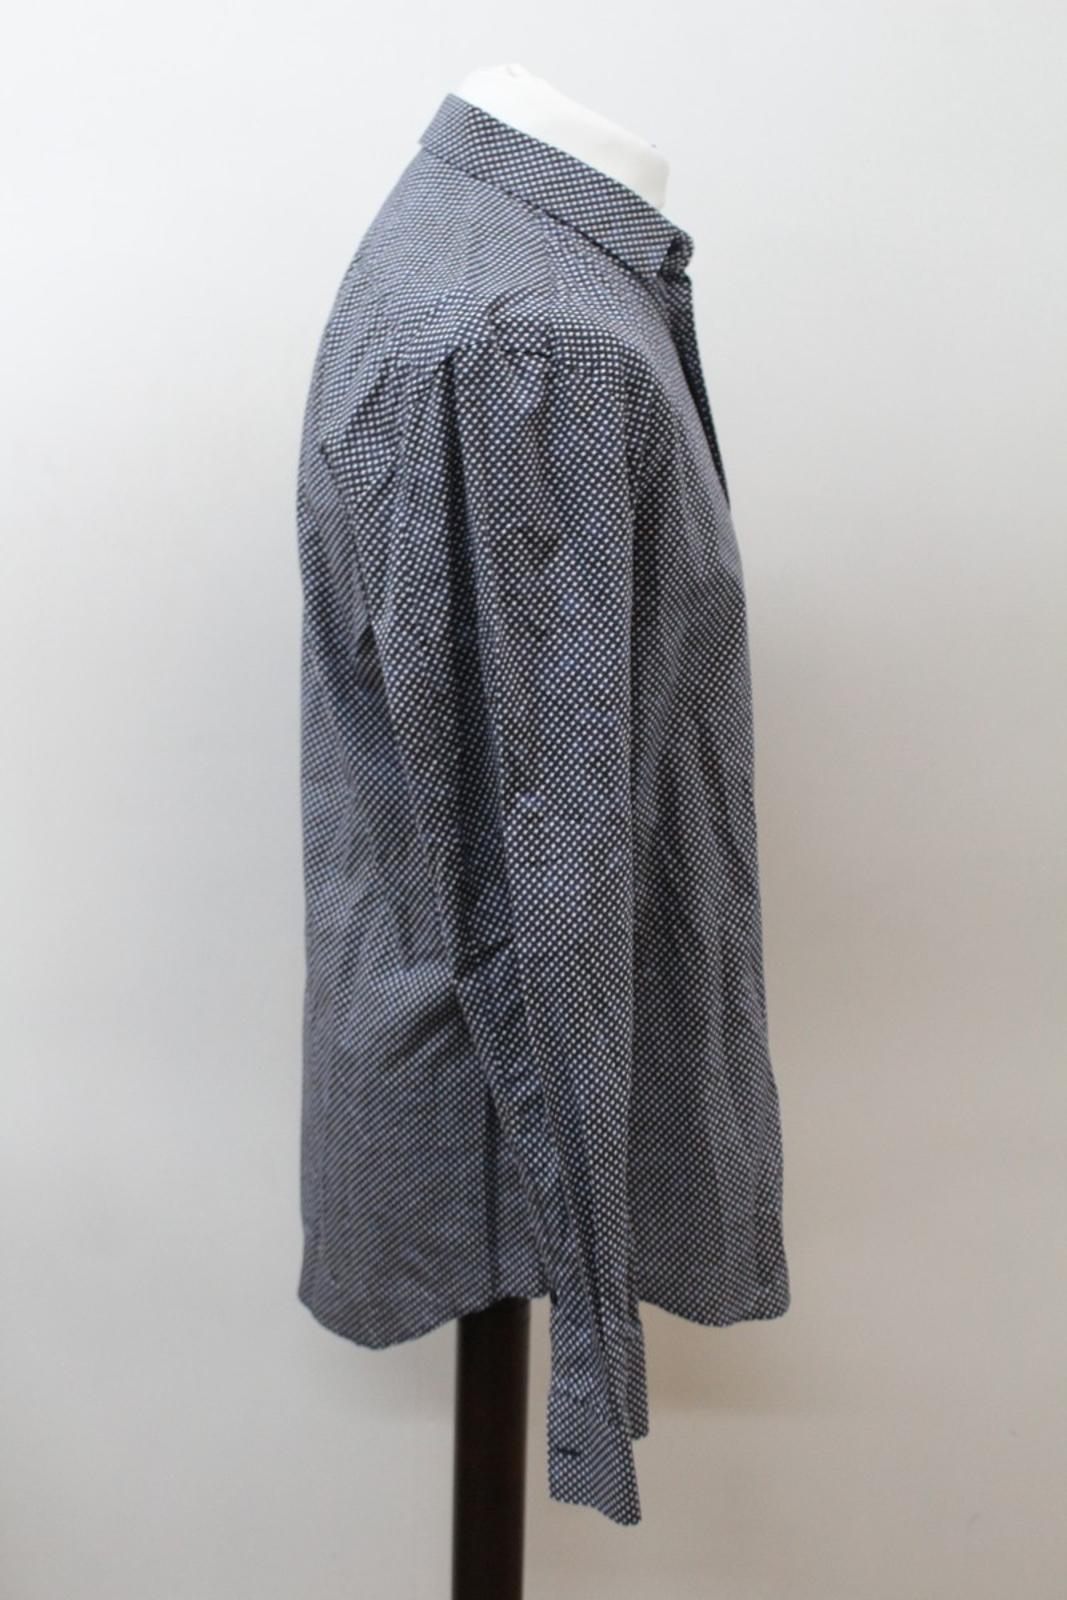 Neil-Barrett-Hombre-Azul-Negro-Algodon-Estampado-de-Estrellas-Formal-Camisa-Cuello-16-5-034-42cm miniatura 4